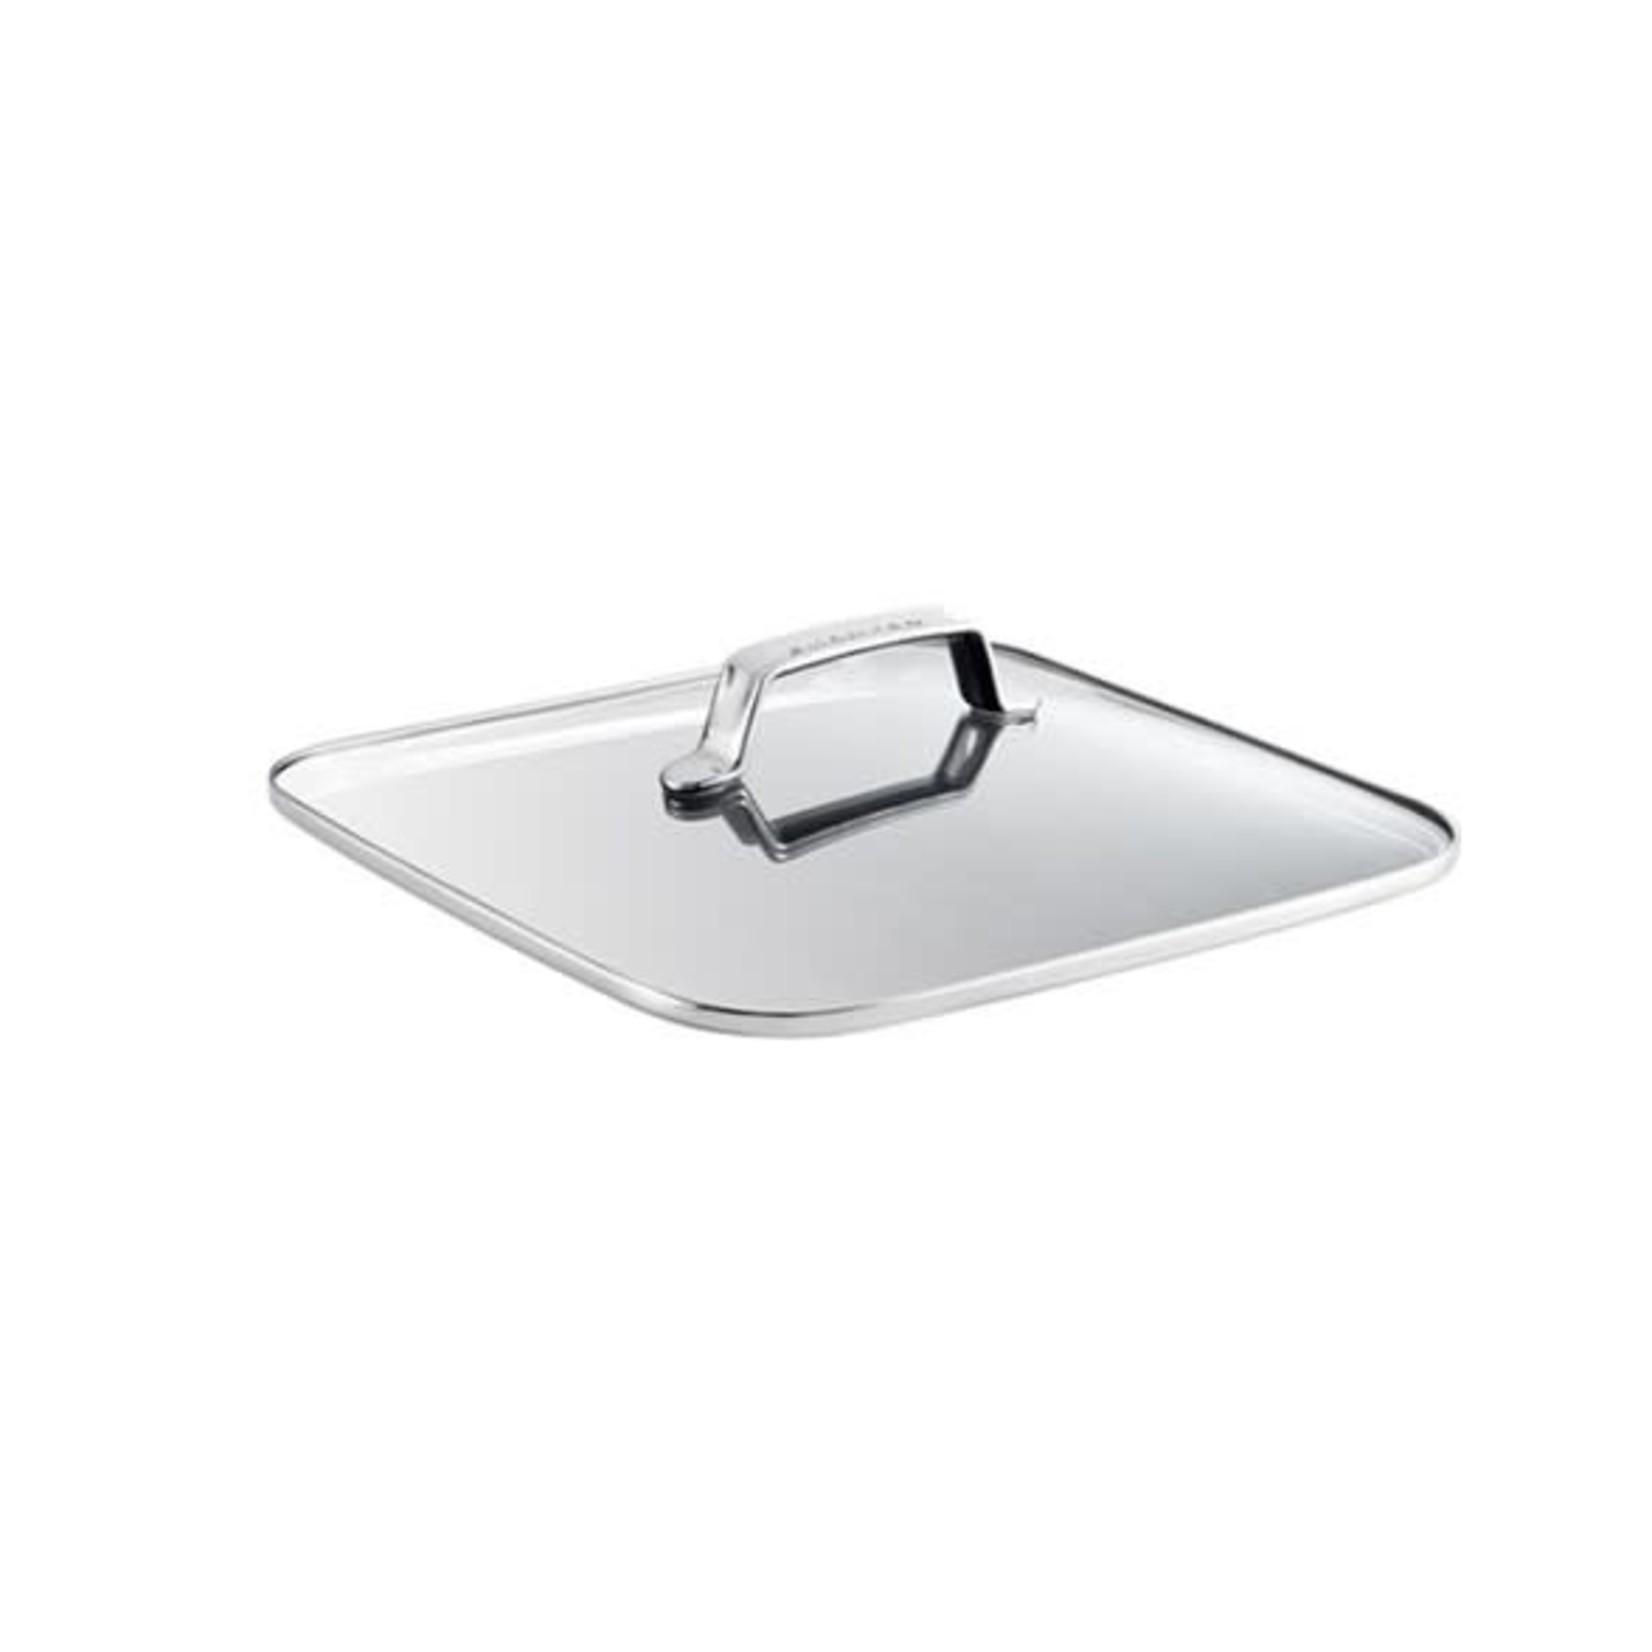 Scanpan TechnIQ deksel glas vierkant 28cm